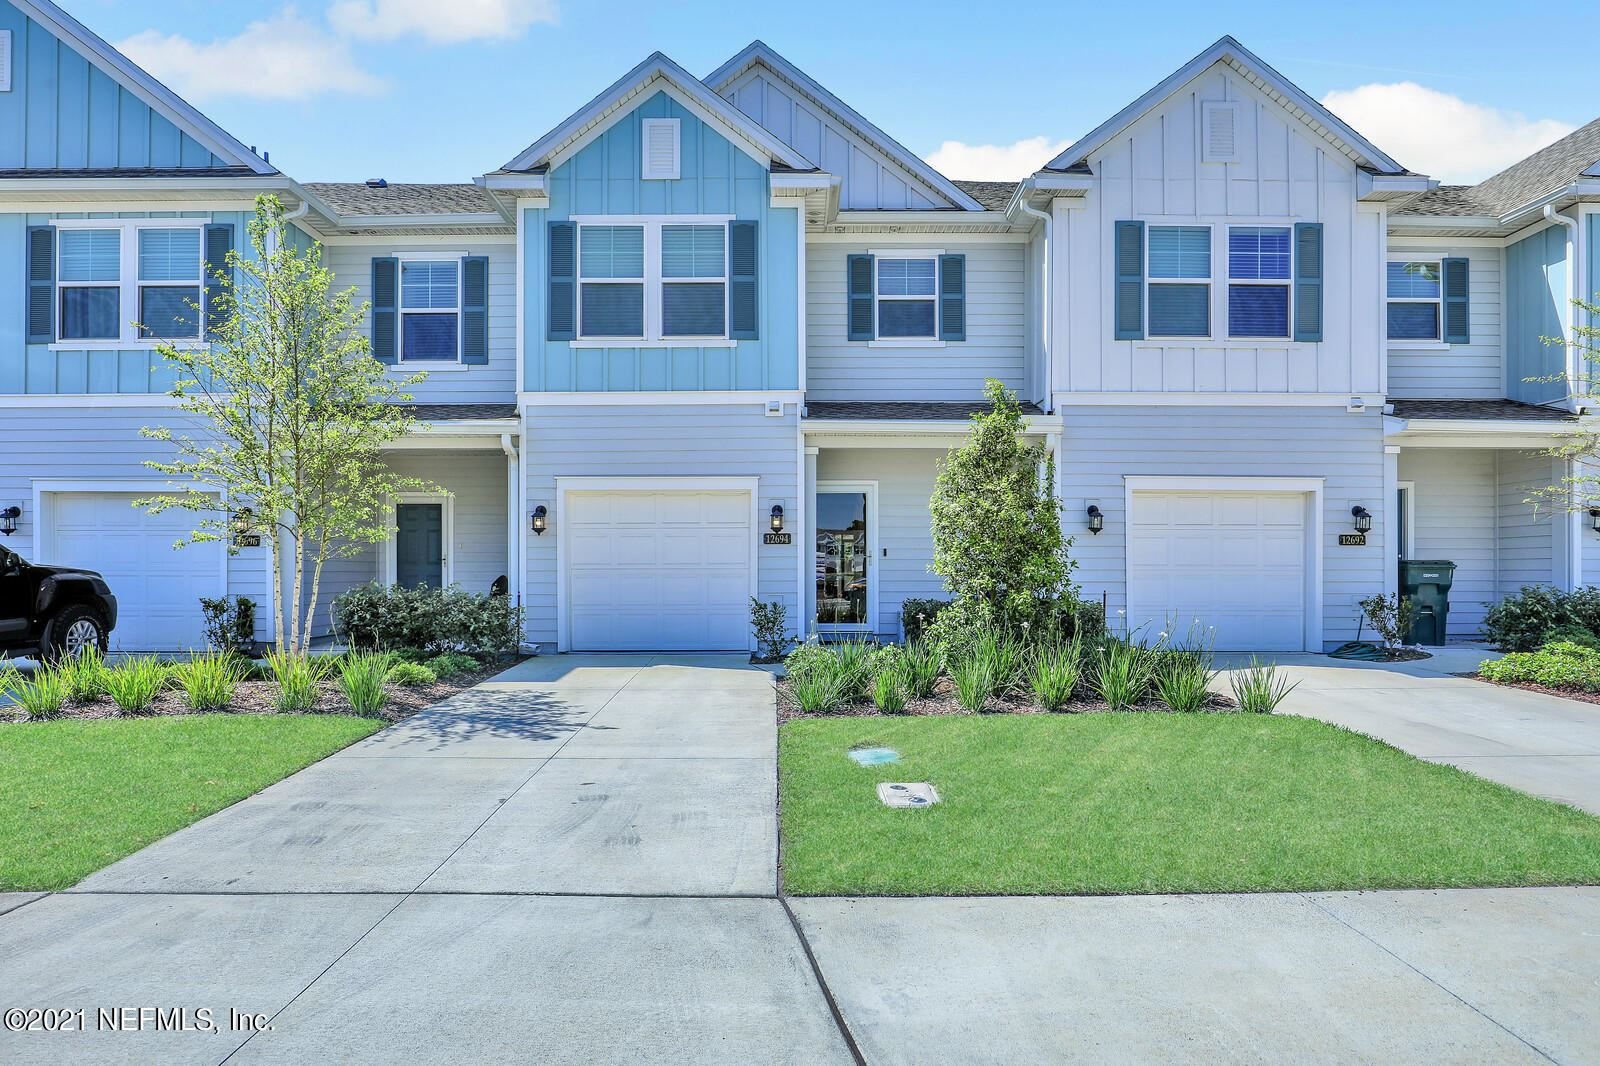 12694 JOSSLYN LN, Jacksonville, FL 32246 - MLS#: 1106608